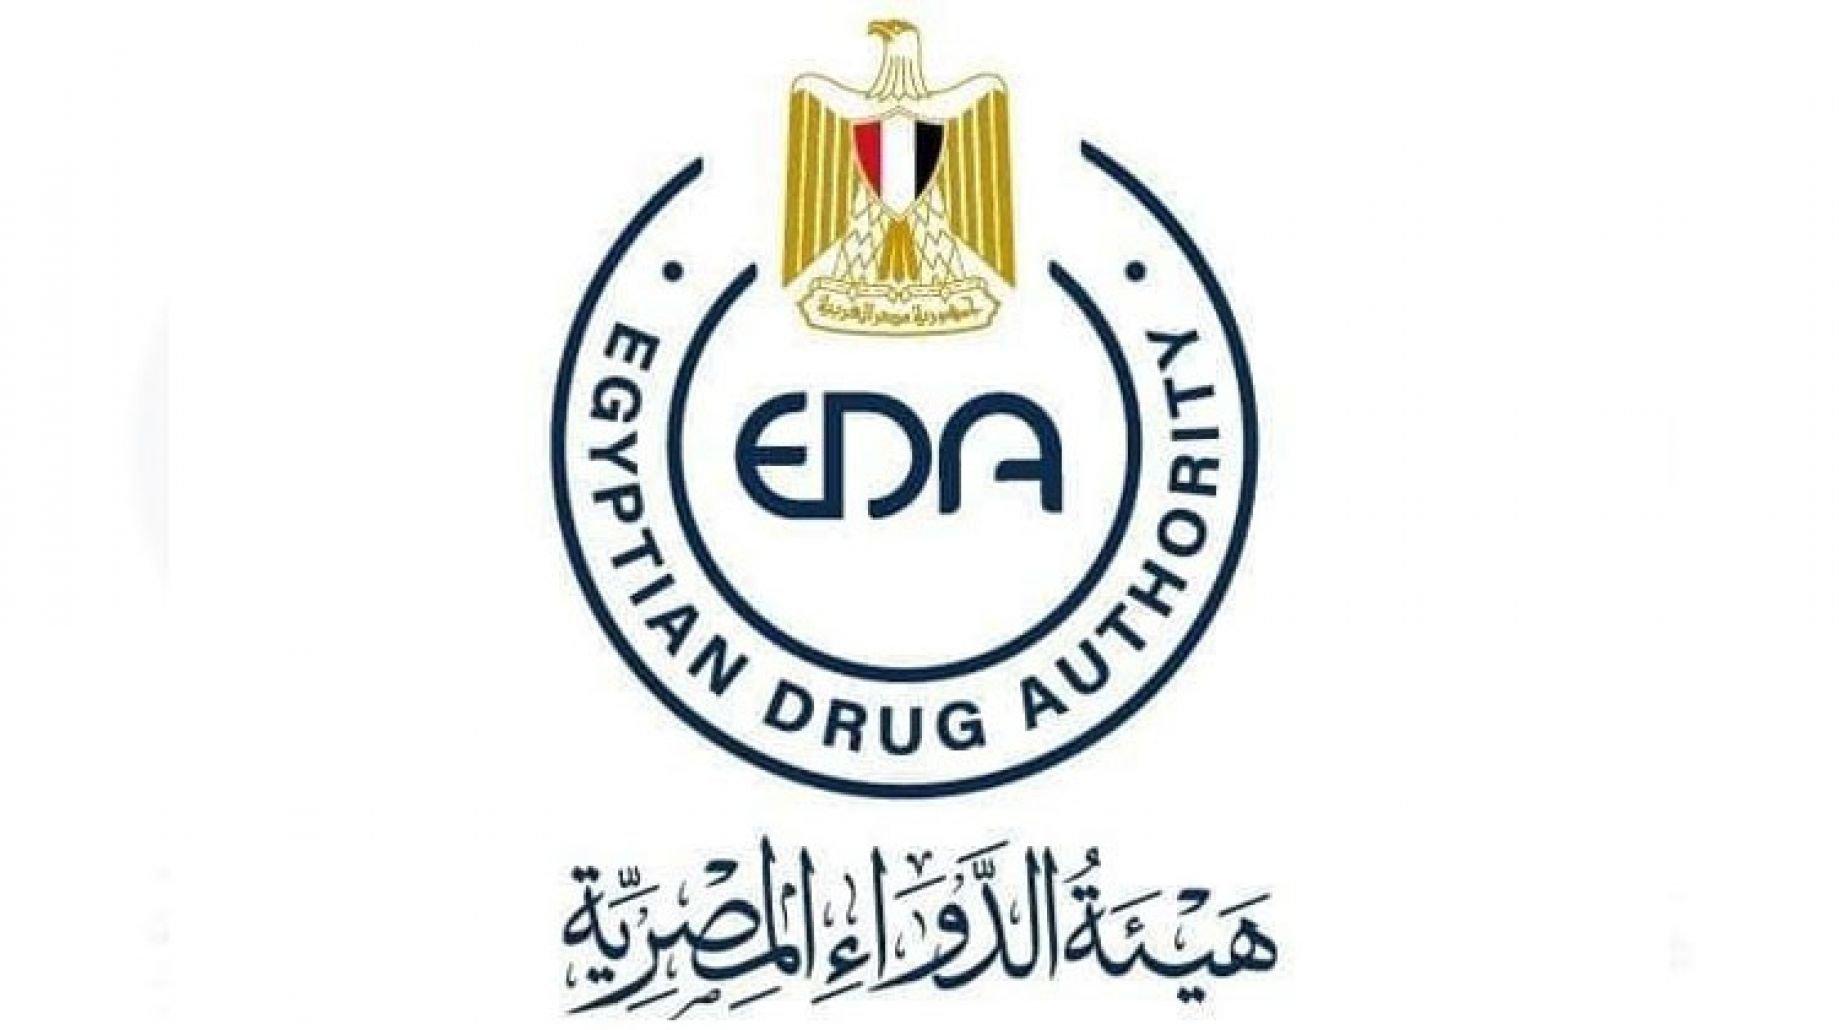 هيئة الدواء المصرية تحذر من خطورة استخدام أدوية الكورتيزون والهرمونات